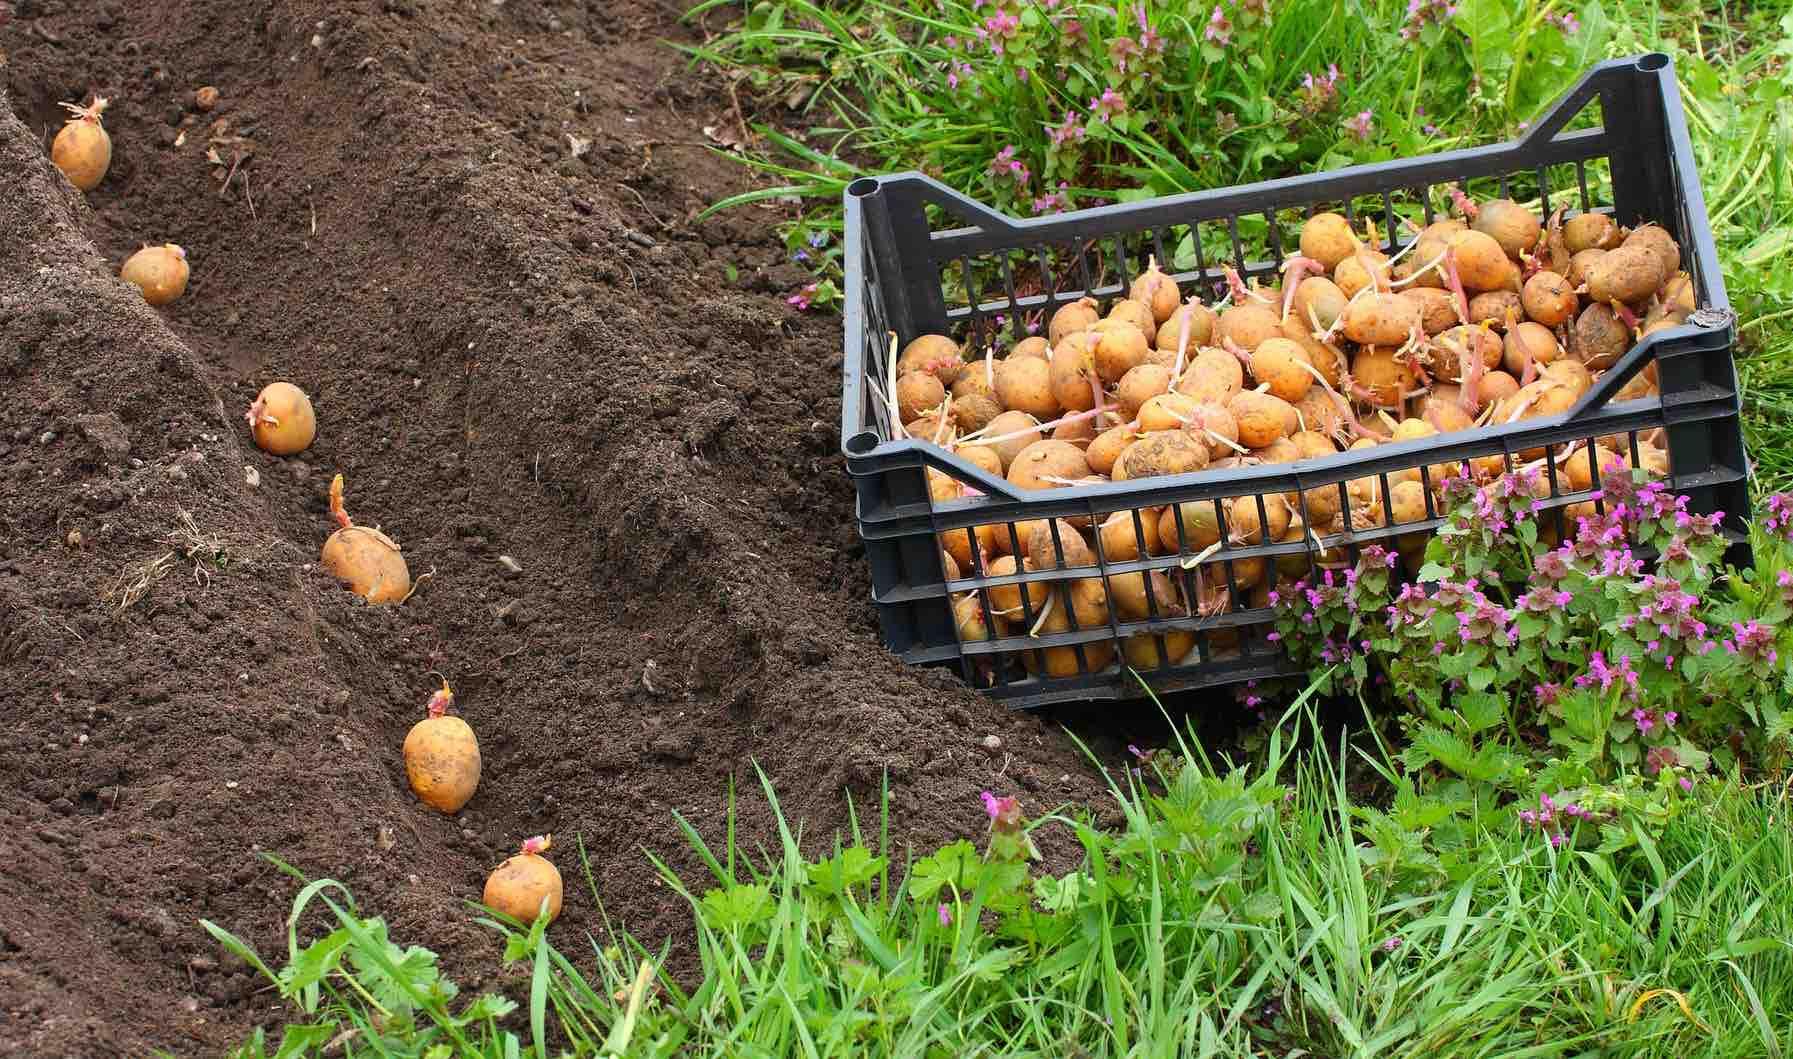 Когда сажать картофель: календарь на 2020 год